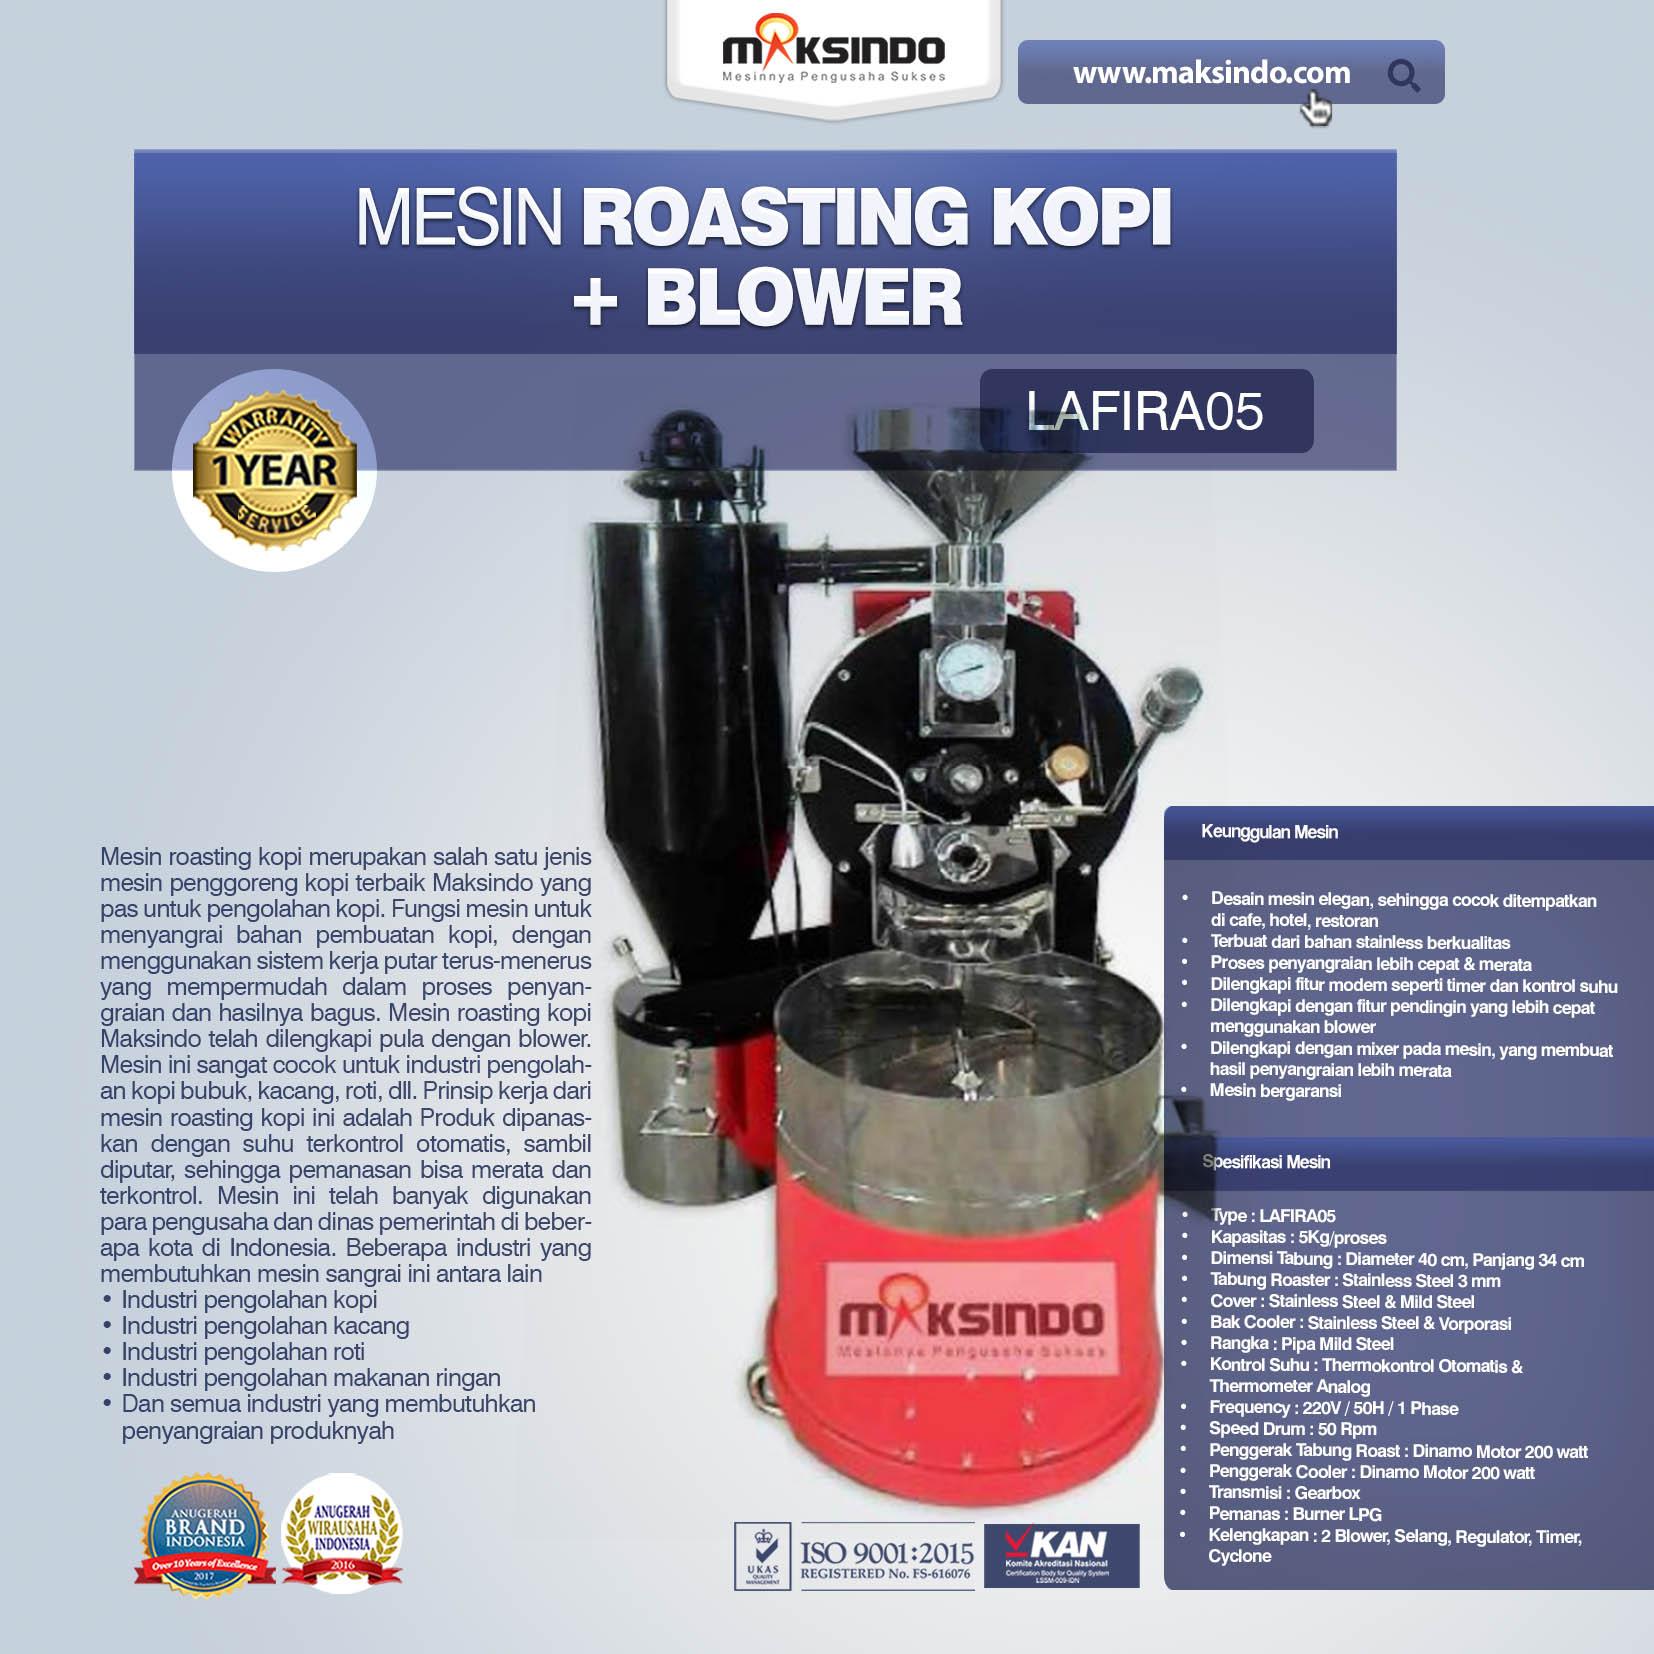 Jual Mesin Roasting Kopi + Blower LAFIRA05 di Bekasi